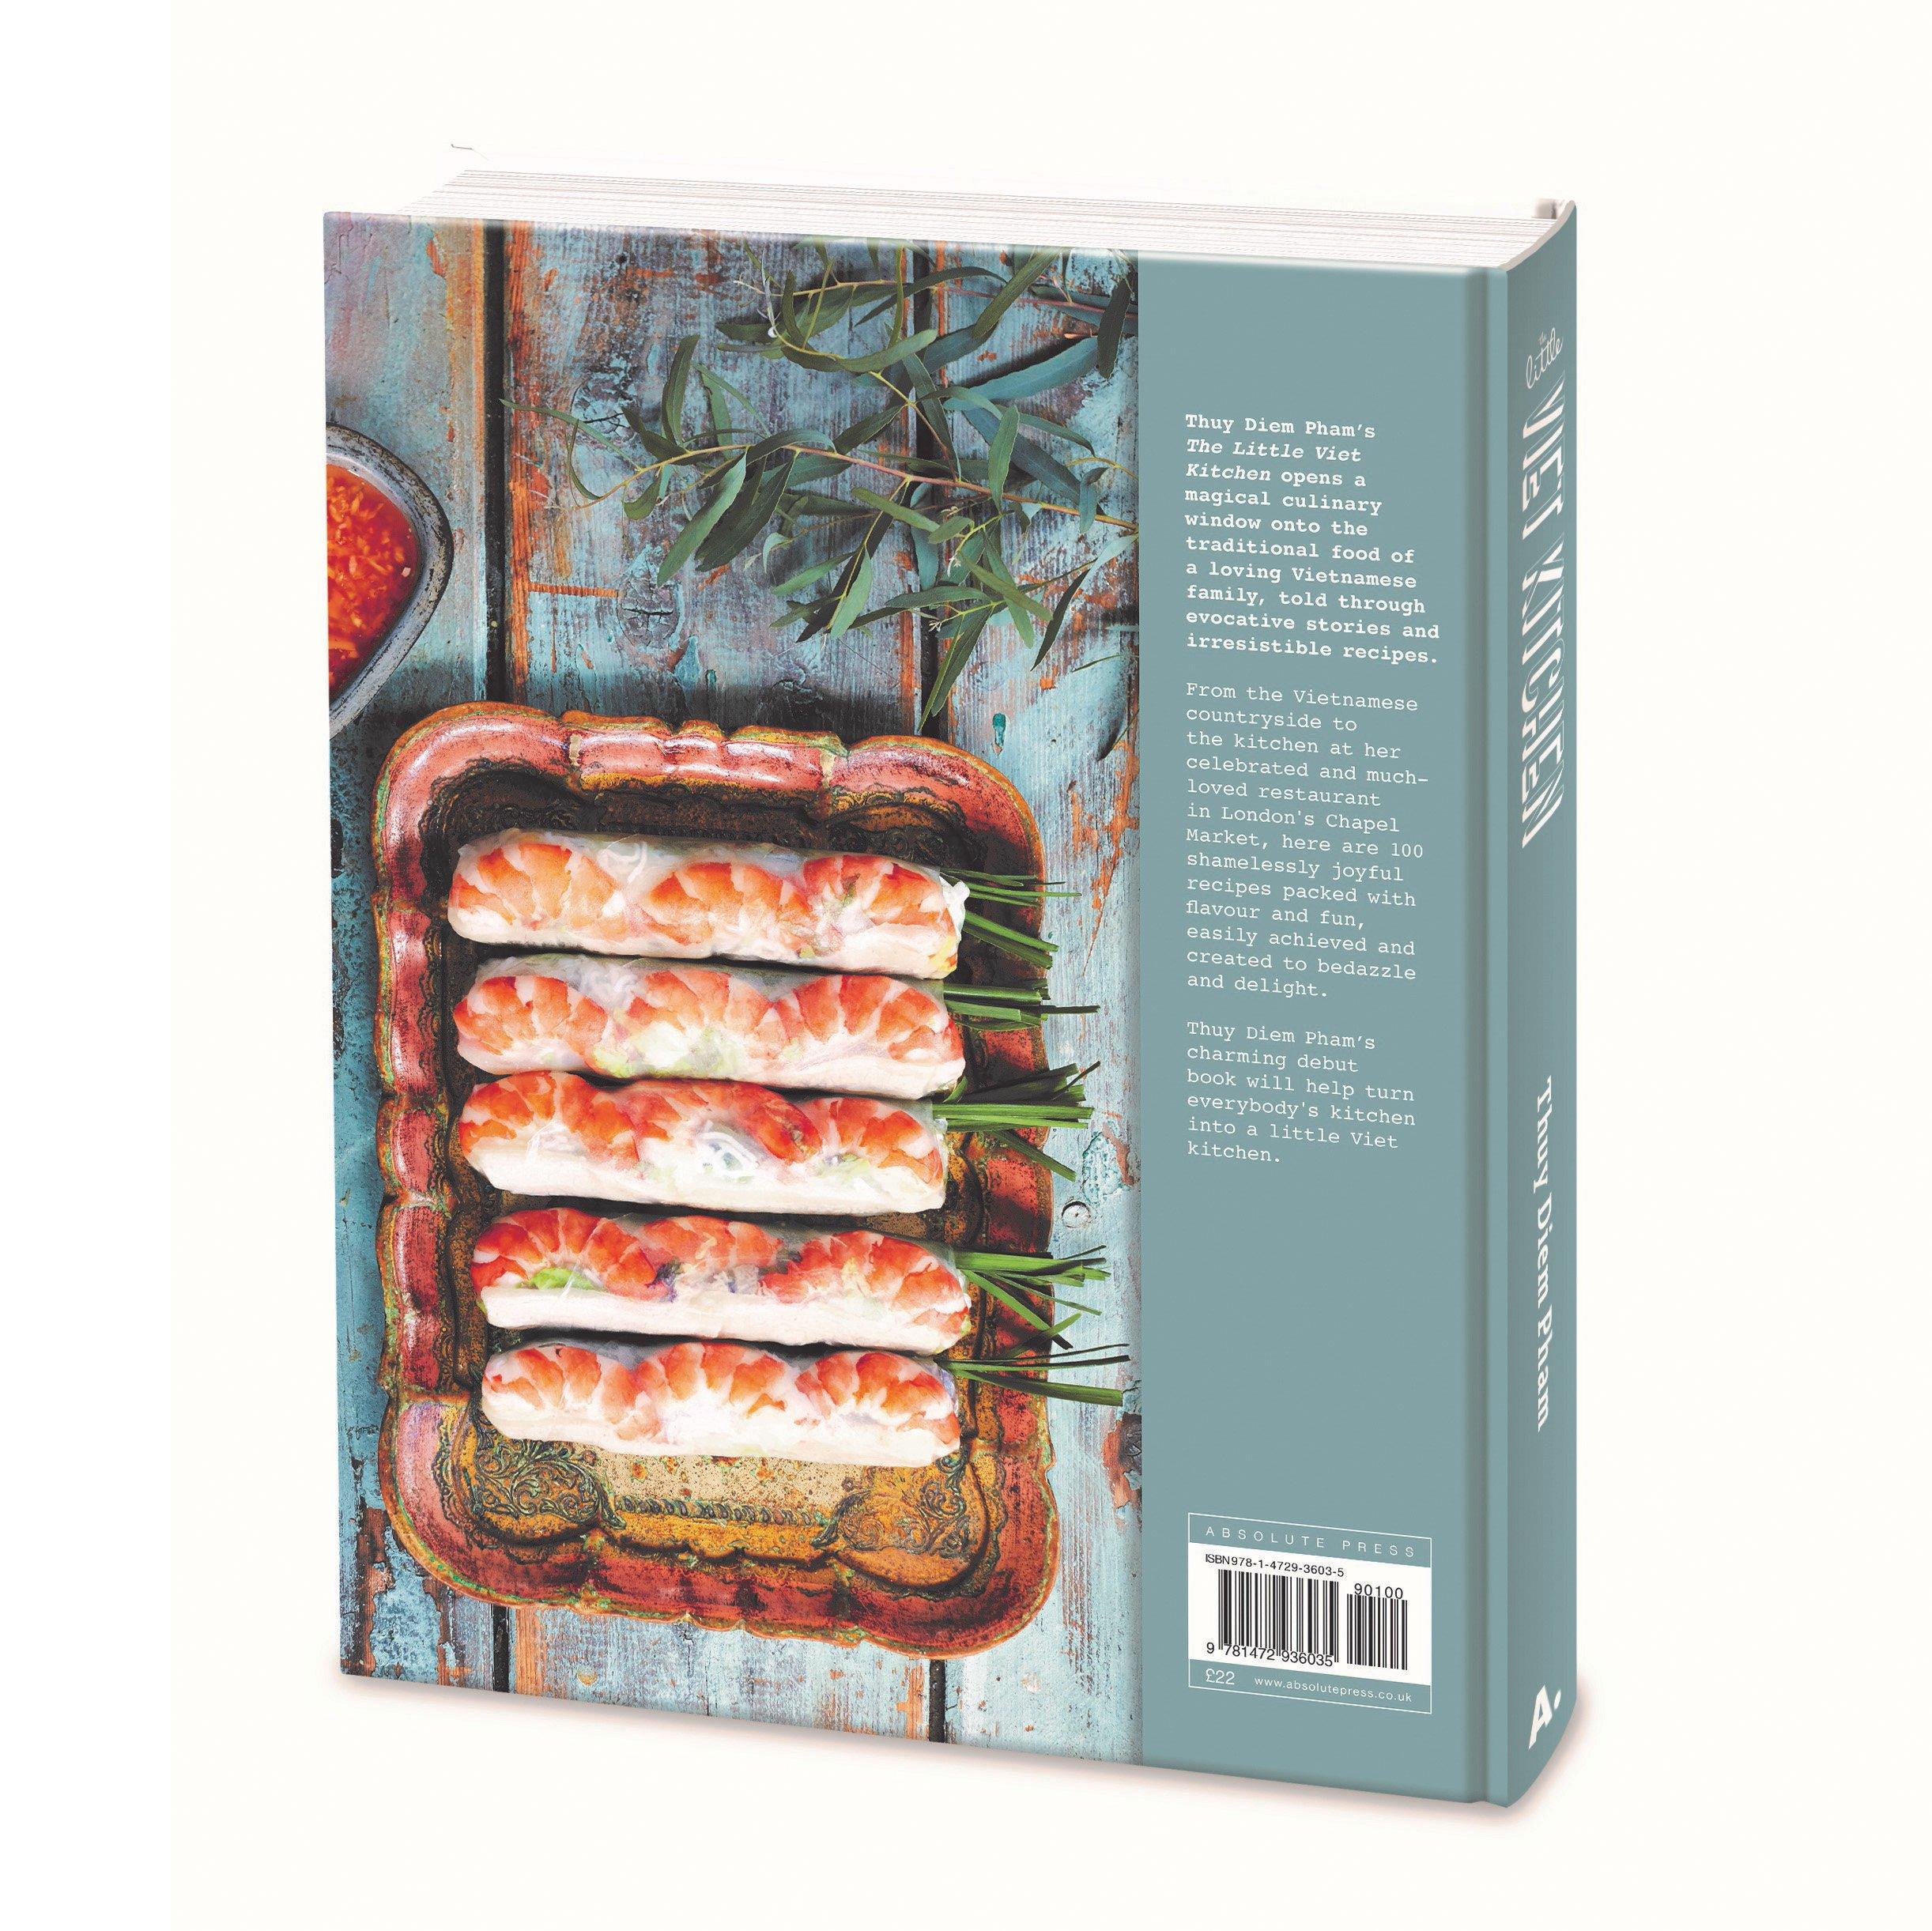 The Little Viet Kitchen: PHAM THUY DIEM: 9781472936035: Amazon.com ...